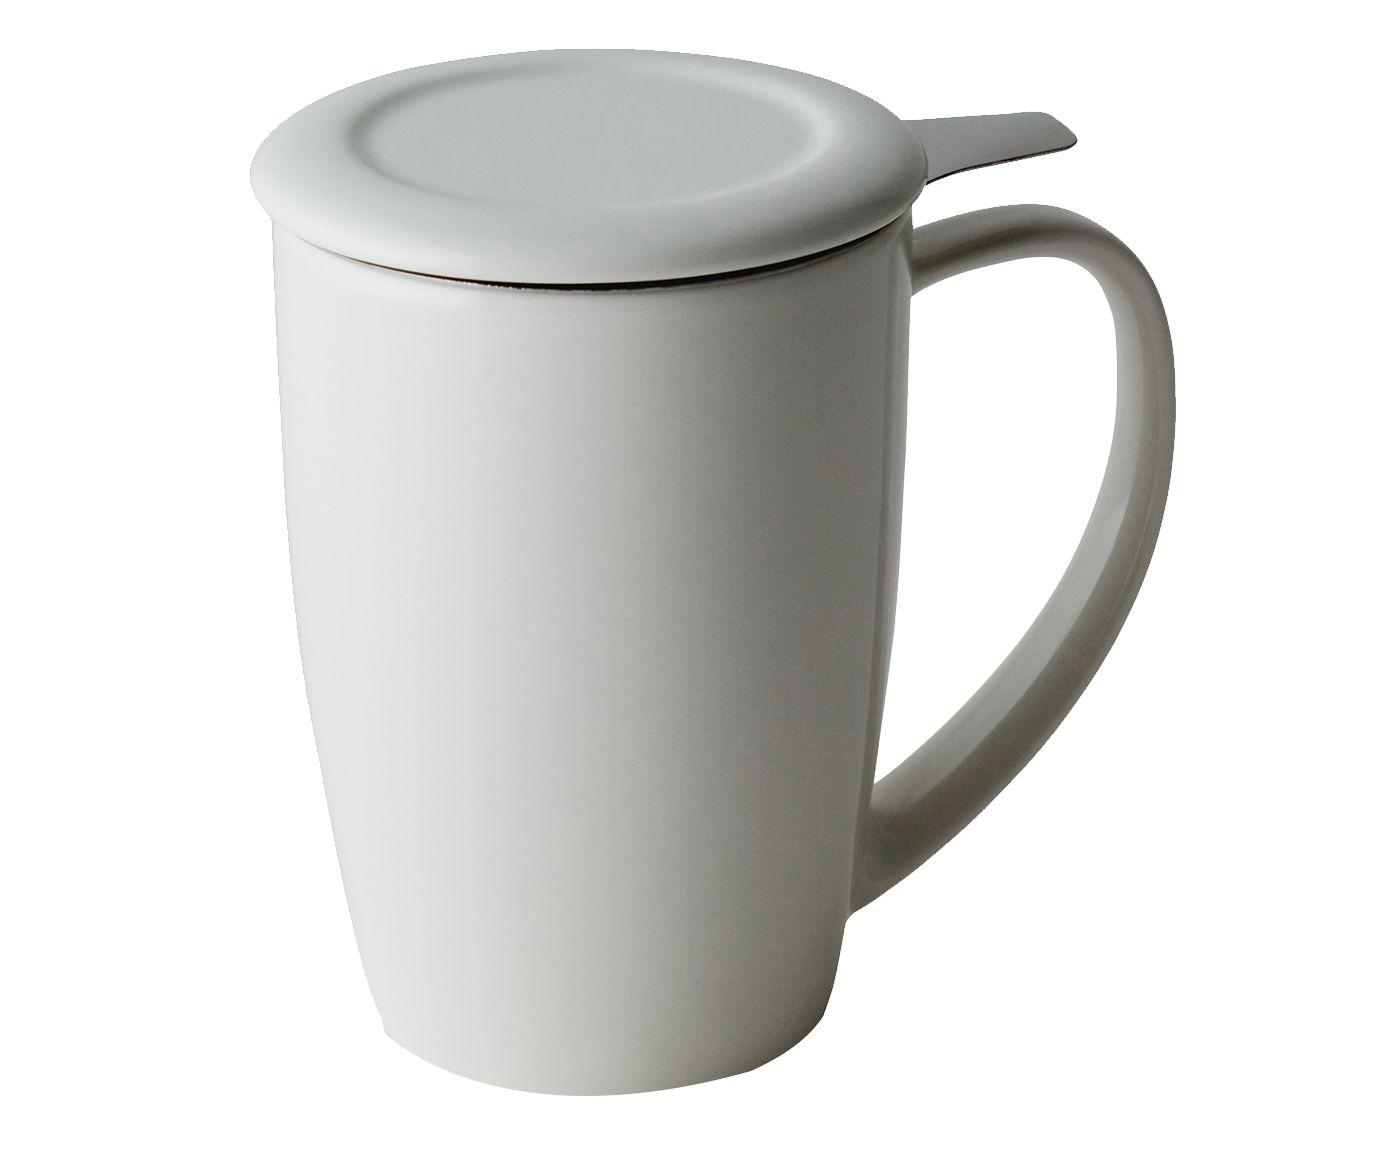 Caneca em Porcelana Curvy Branco Gelo - 433ml   Westwing.com.br